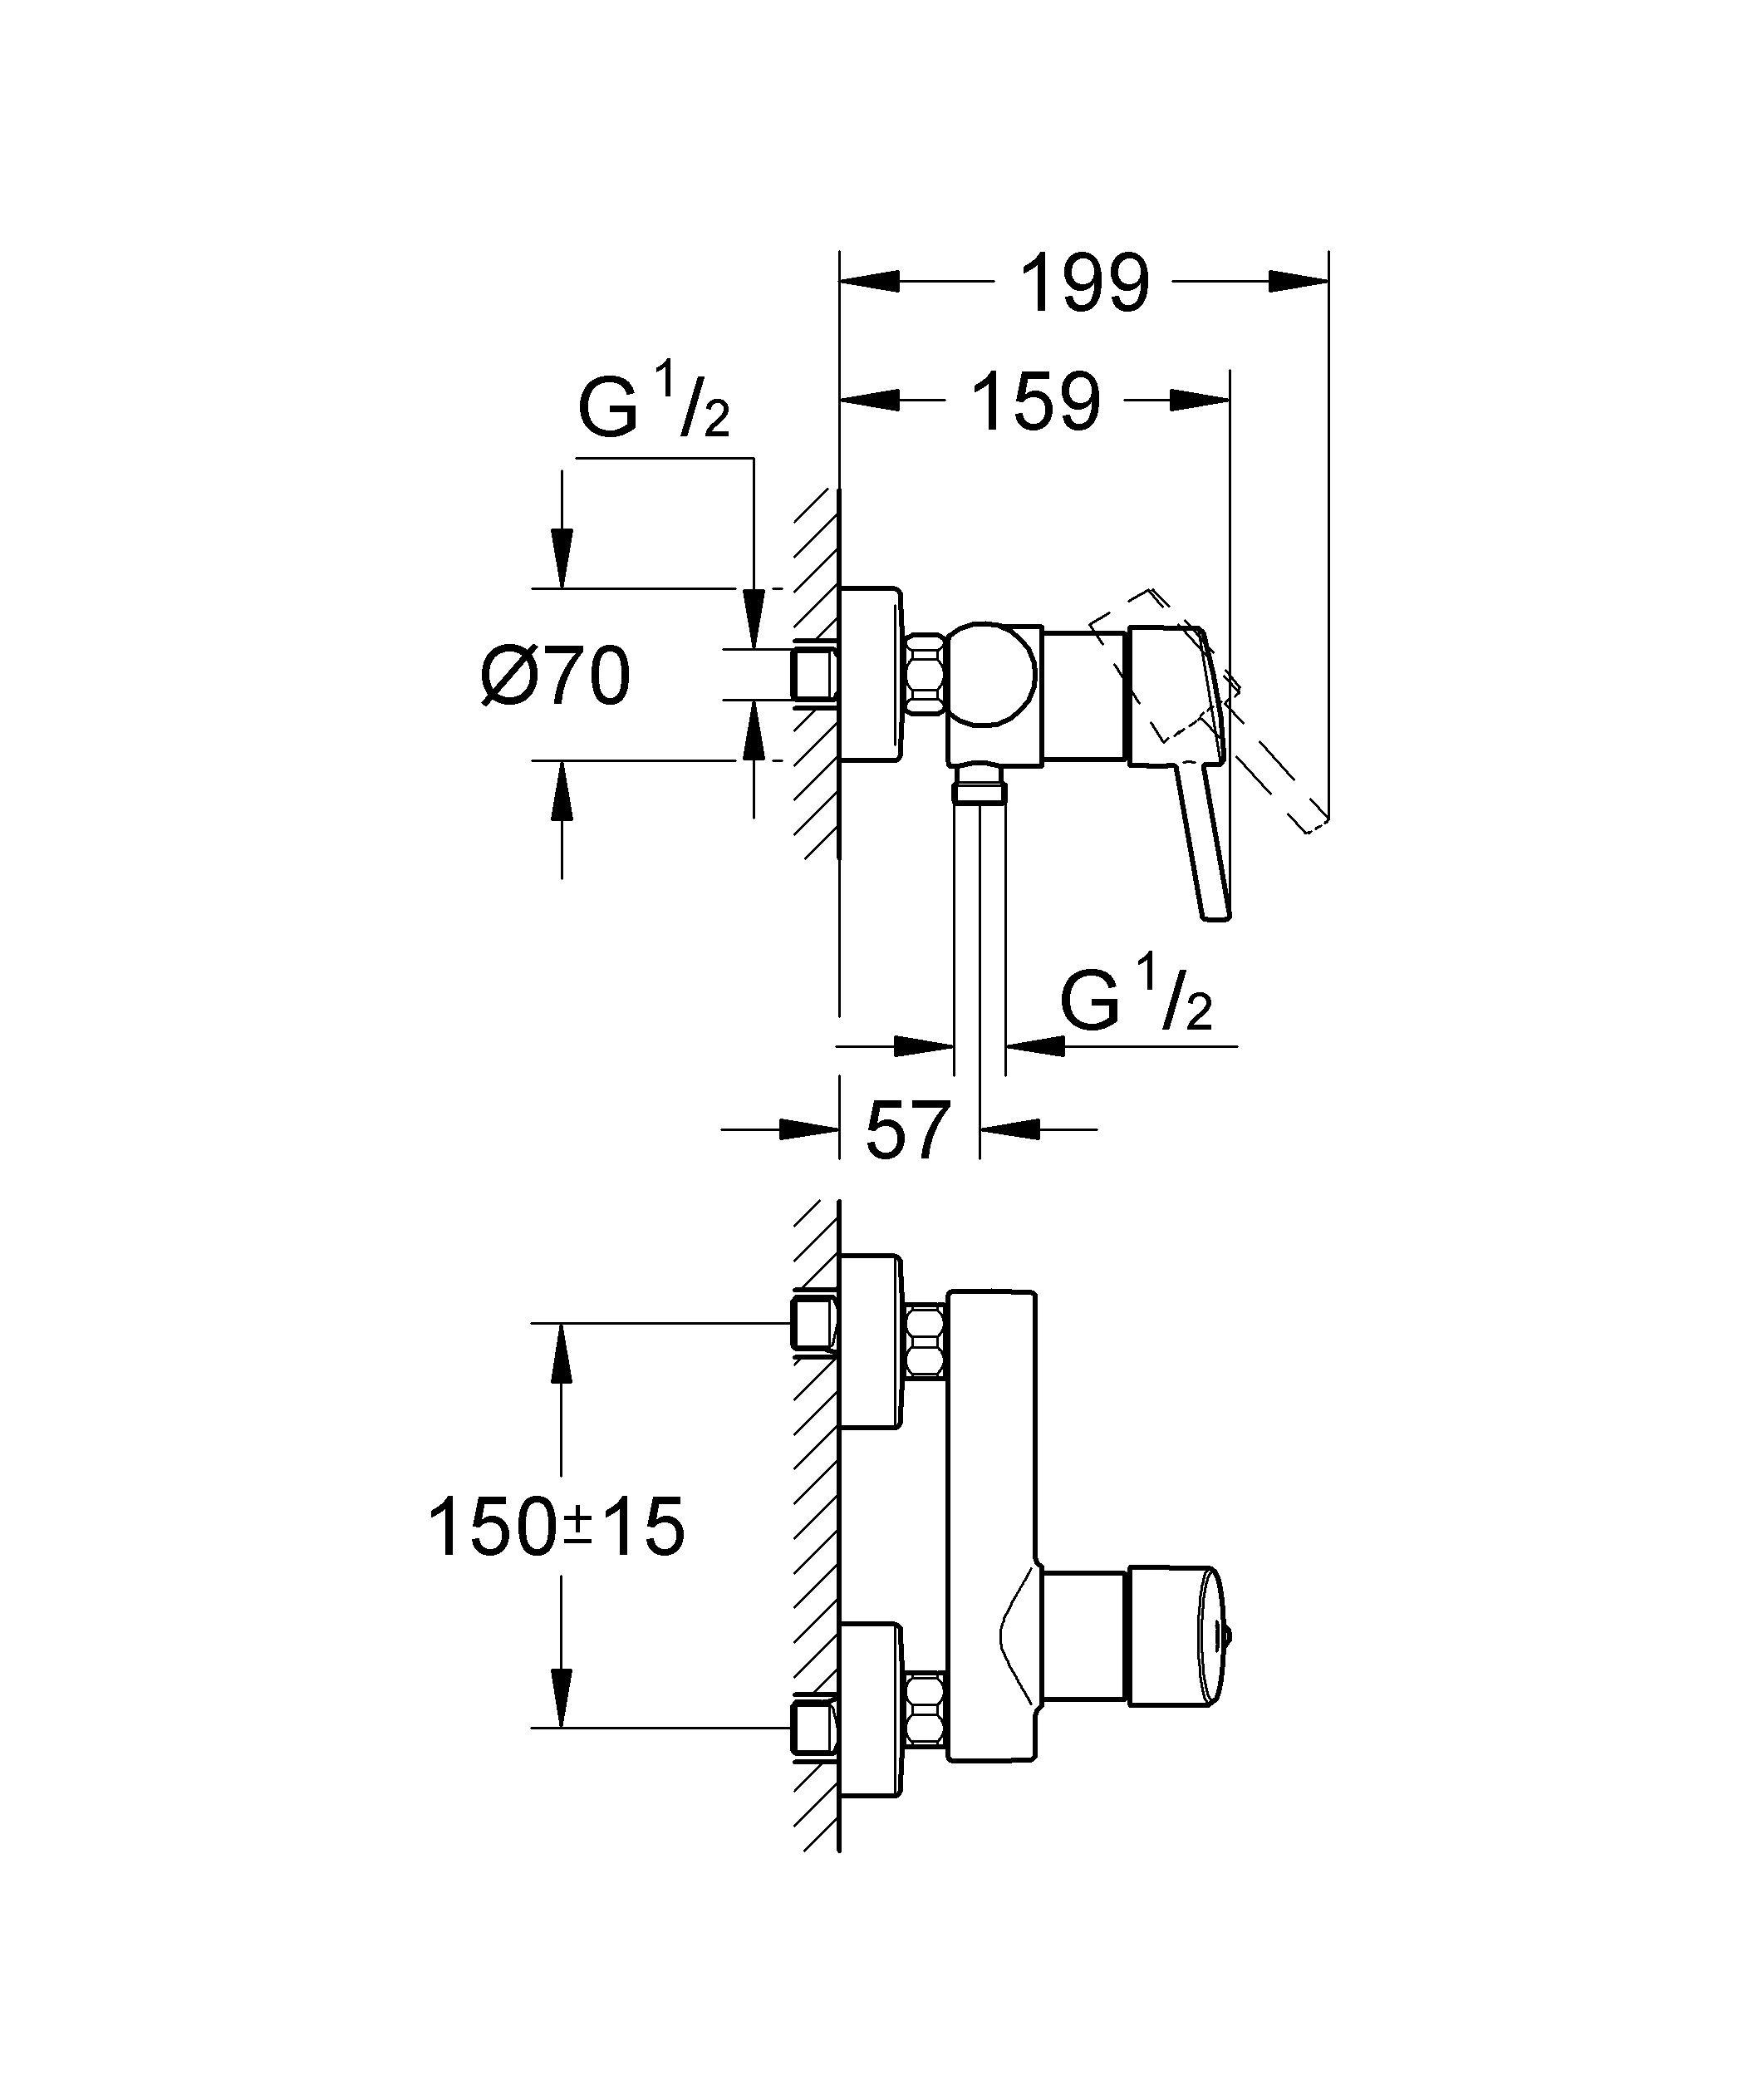 Настенный монтаж  Металлический рычаг  GROHE SilkMove керамический картридж O 46 мм  GROHE StarLight хромированная поверхность   Регулировка расхода воды  Отвод для душа снизу 1/2? со встроенным обратным клапаном  Скрытые S-образные эксцентрики  Дополнительный ограничитель температуры (46 308 000)  С защитой от обратного потока  Класс шума I по DIN 4109    Видео по установке является исключительно информационным. Установка должна проводиться профессионалами! Характеристики:    Материал: металл. Цвет: хром. Количество монтажных отверстий: 2. Размер упаковки: 20 см x 16 см x 12 см. Артикул: 32210001.